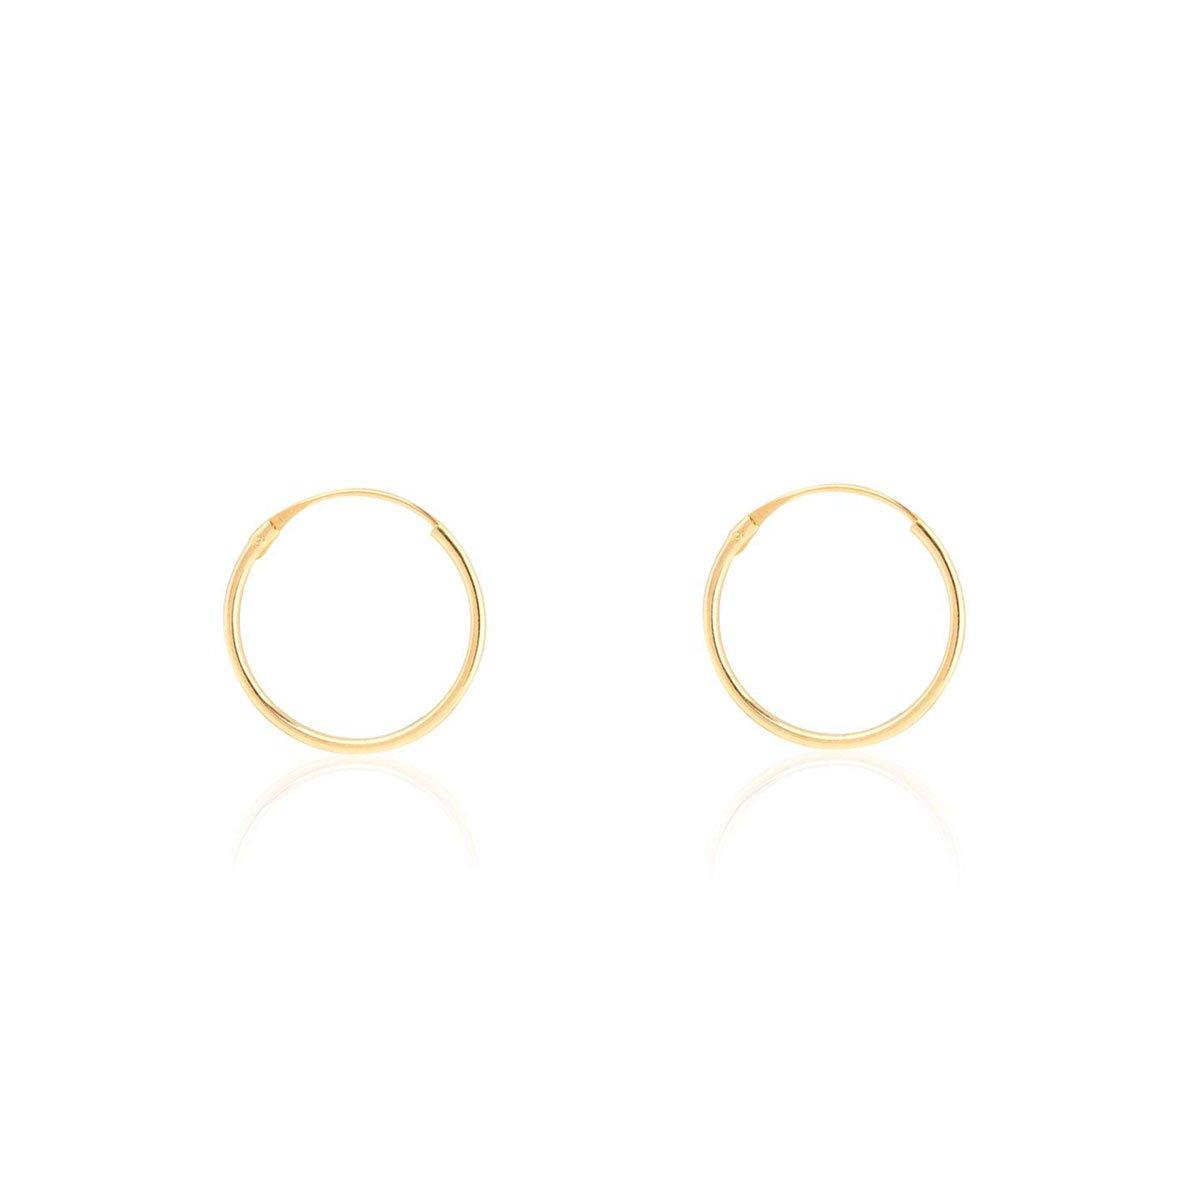 Boucles d'Oreilles Creoles 10x0.80 mm Or Jaune 9 Carats Dadaro T2020PA9K